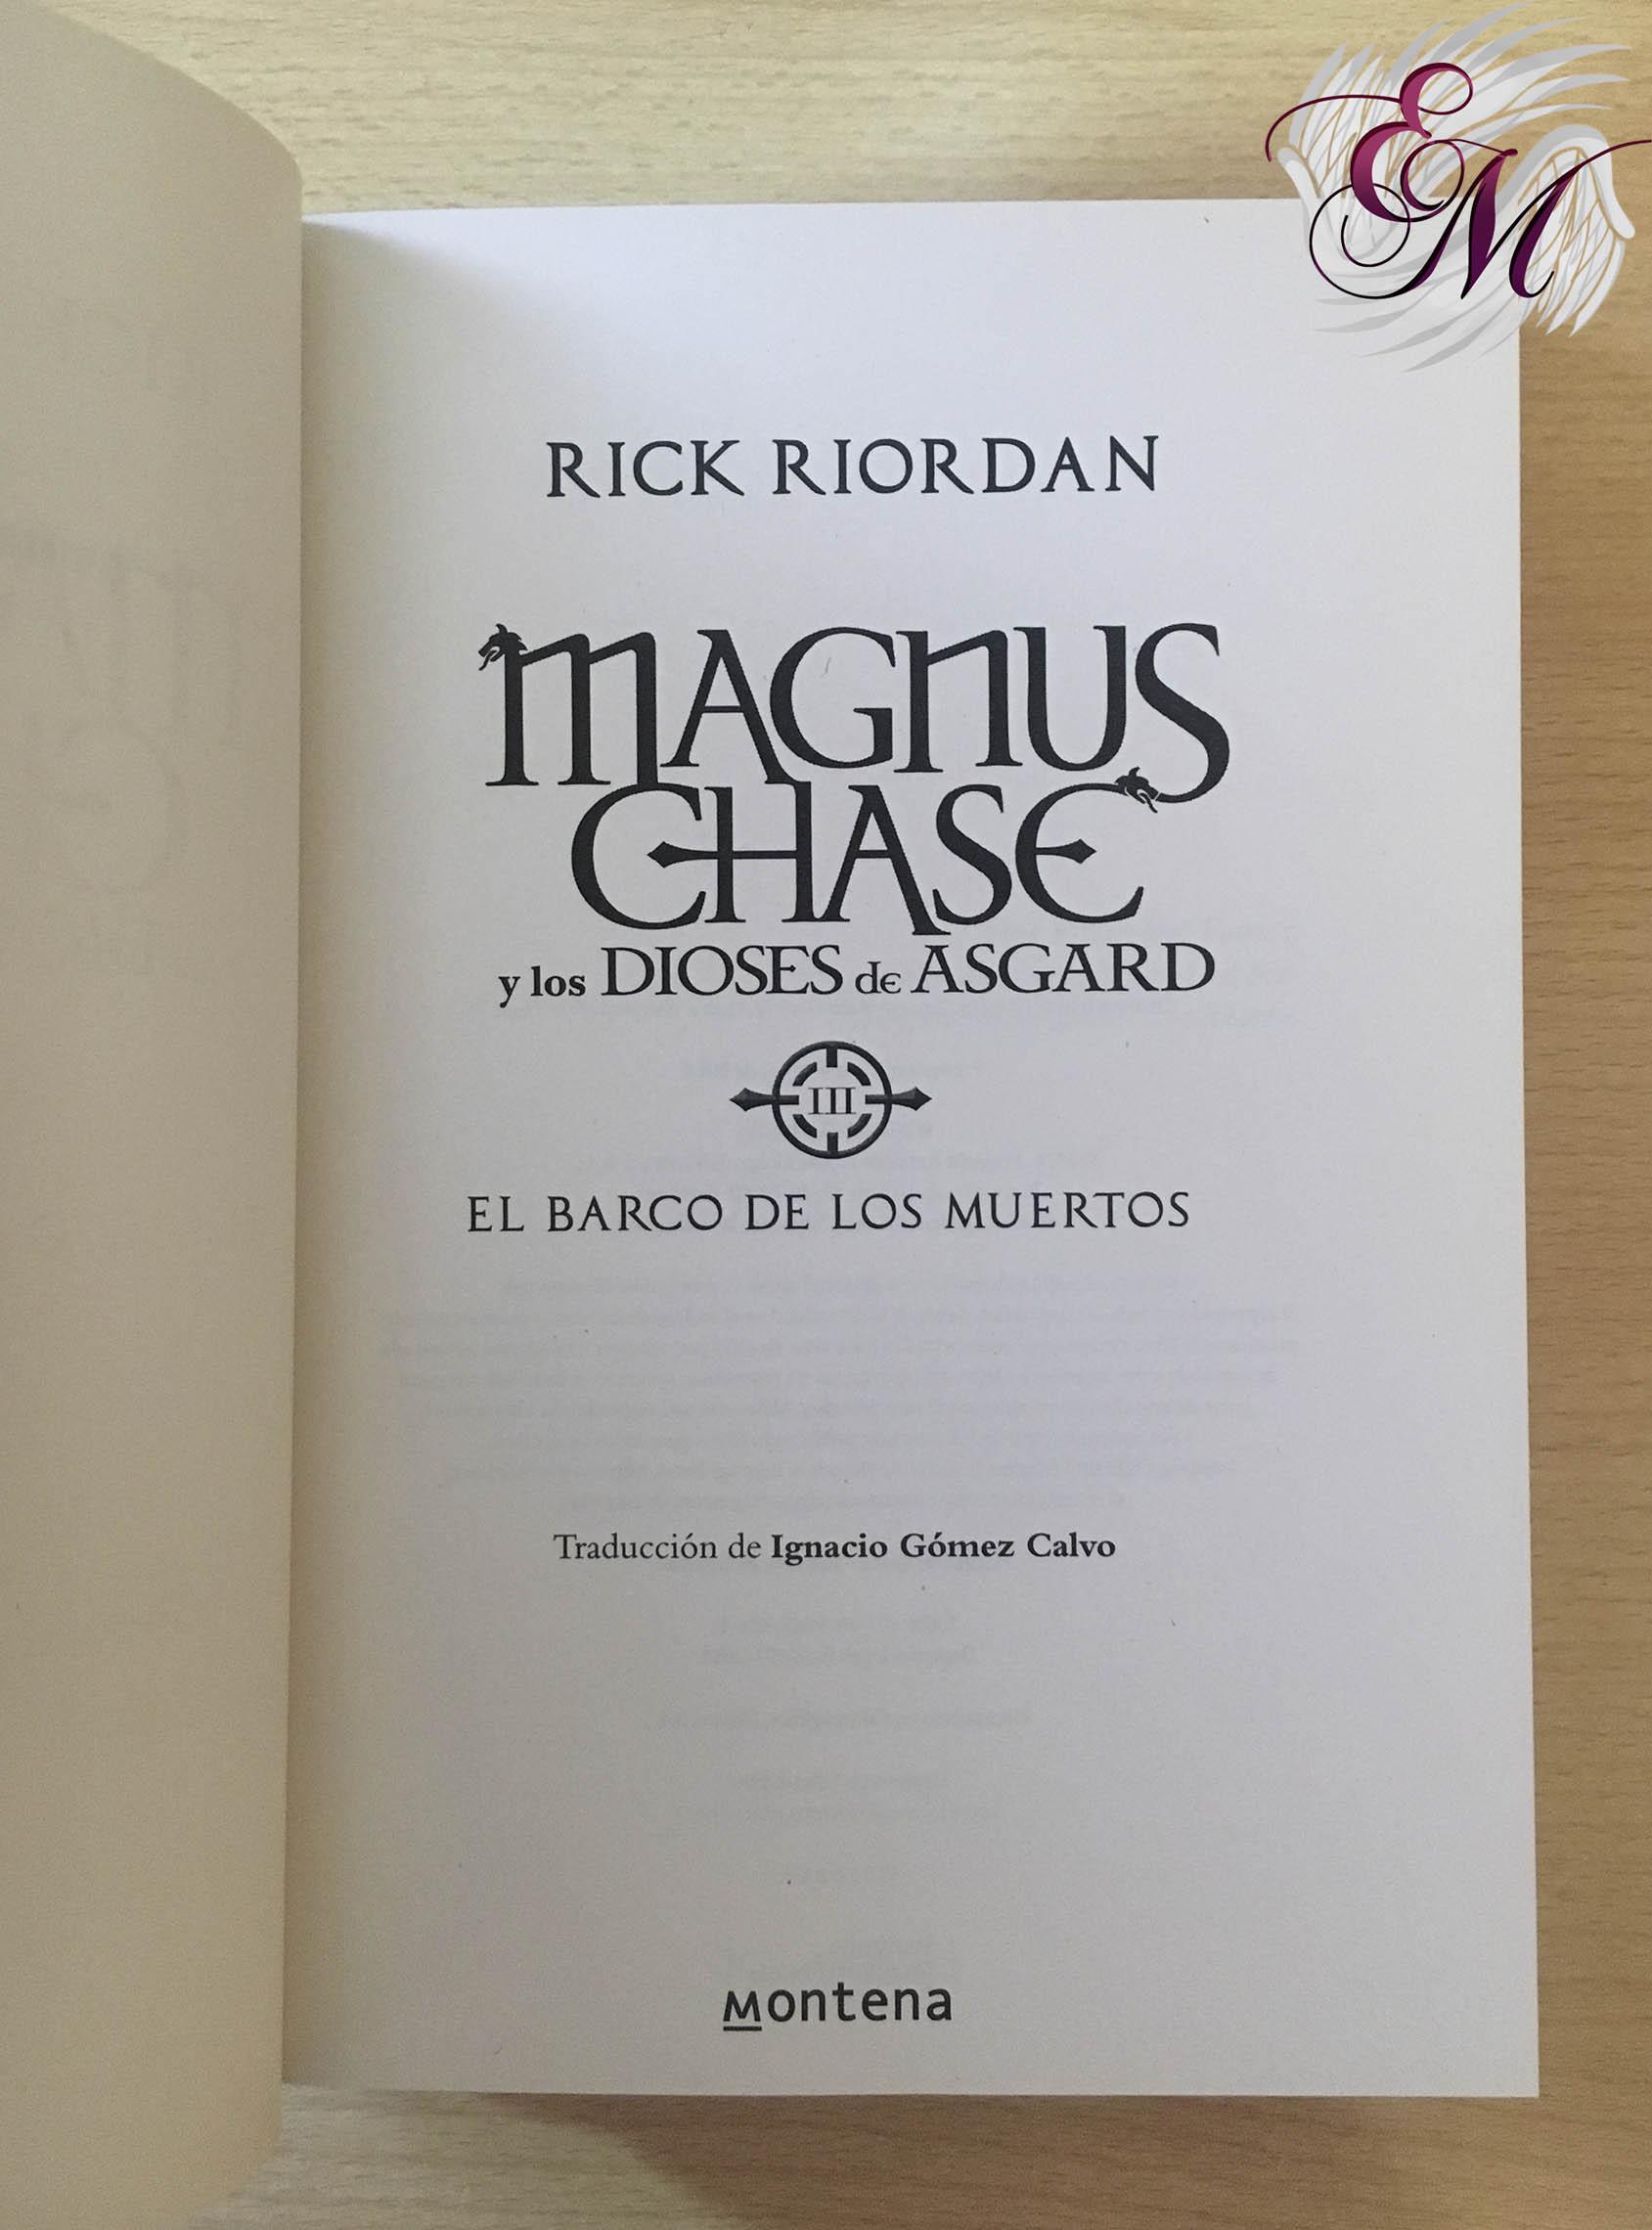 El barco de los muertos, de Rick Riordan - Reseña